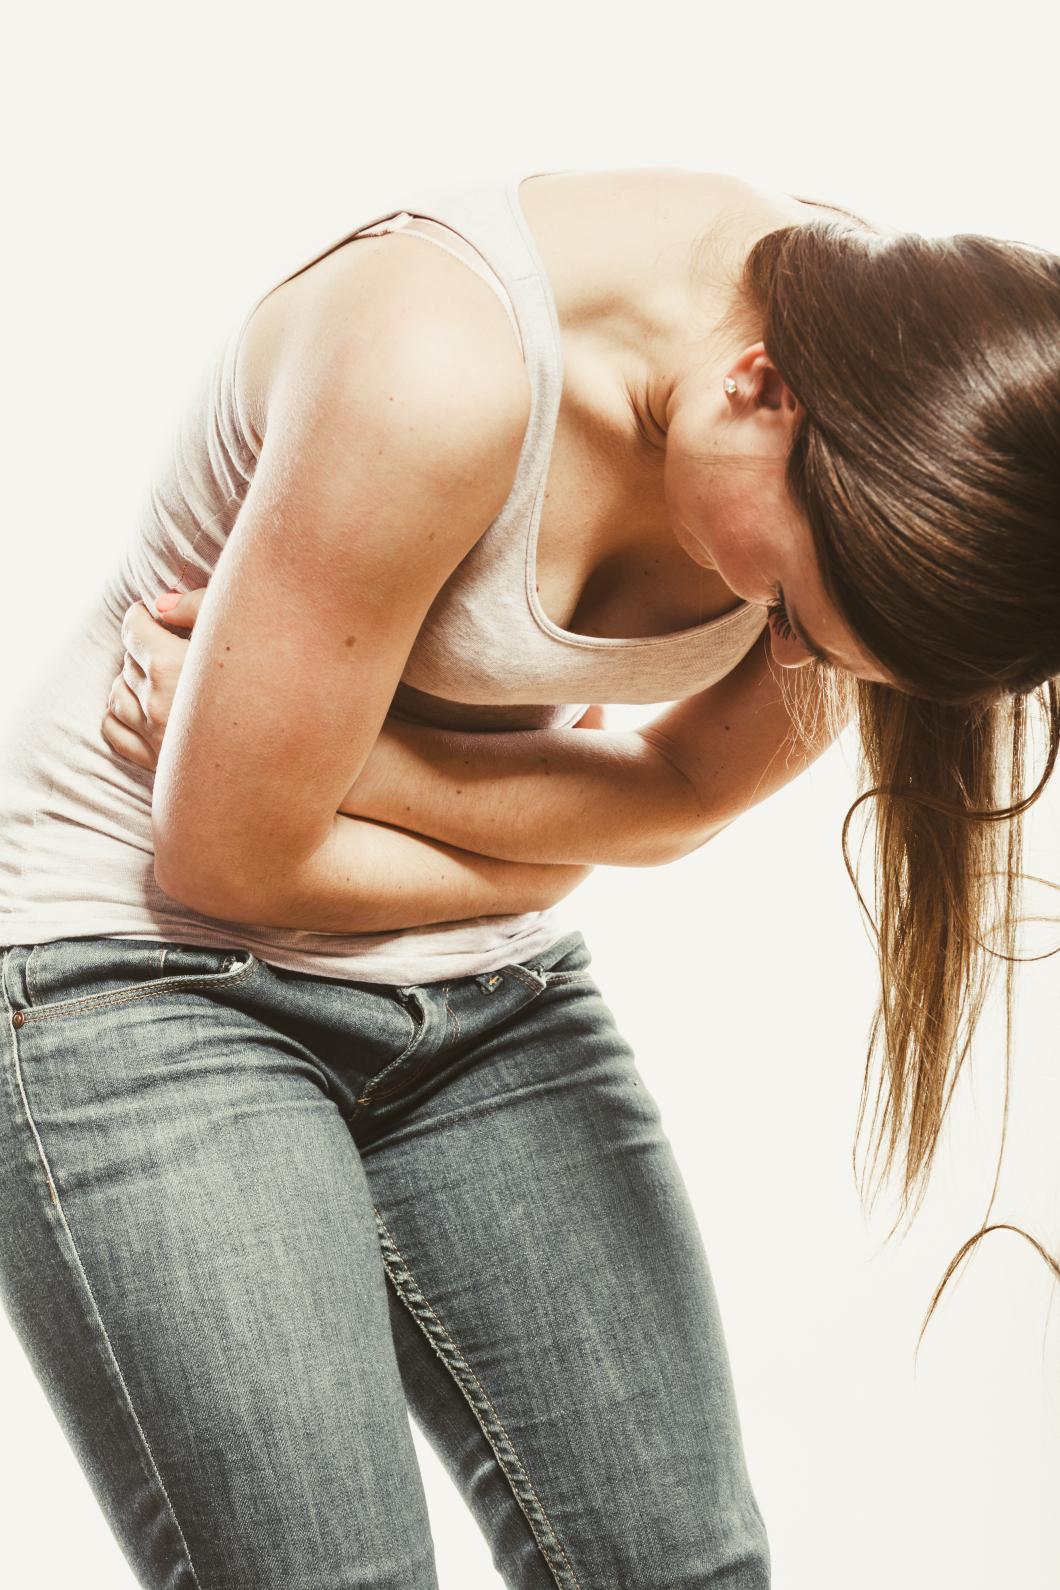 Endometriosteam minskade antal vårddygn